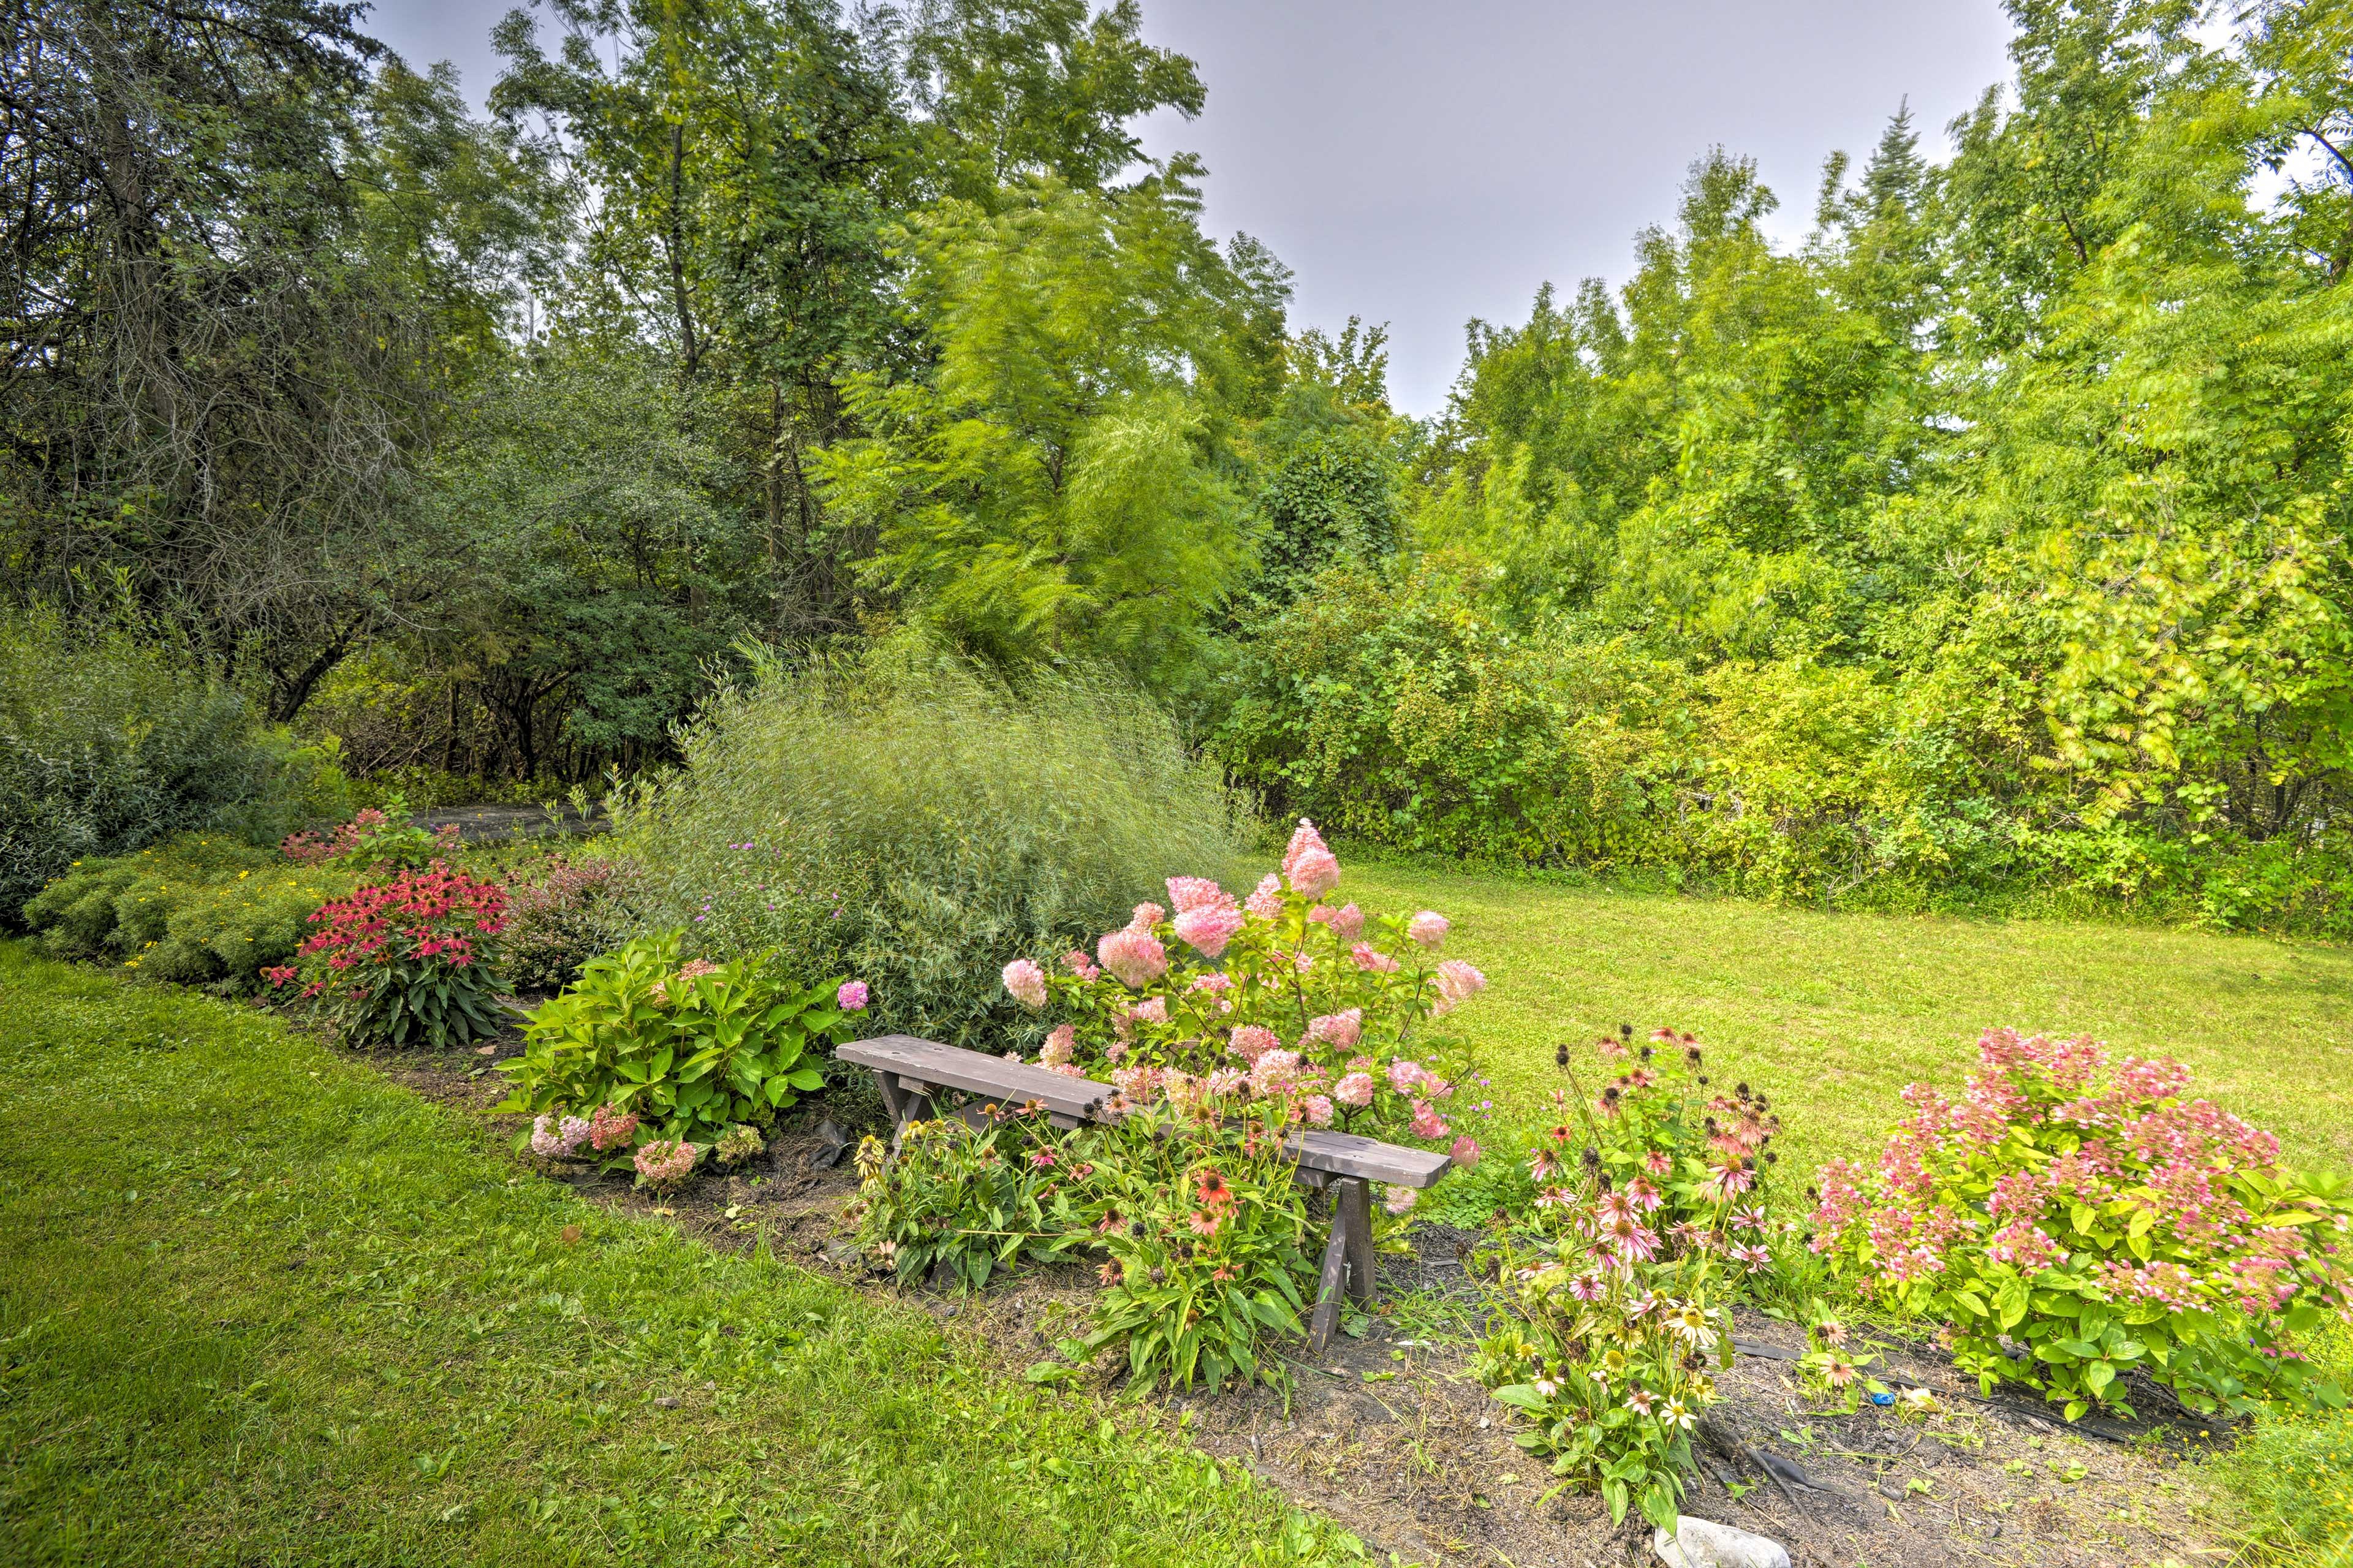 Beautiful gardens surround this scenic abode!